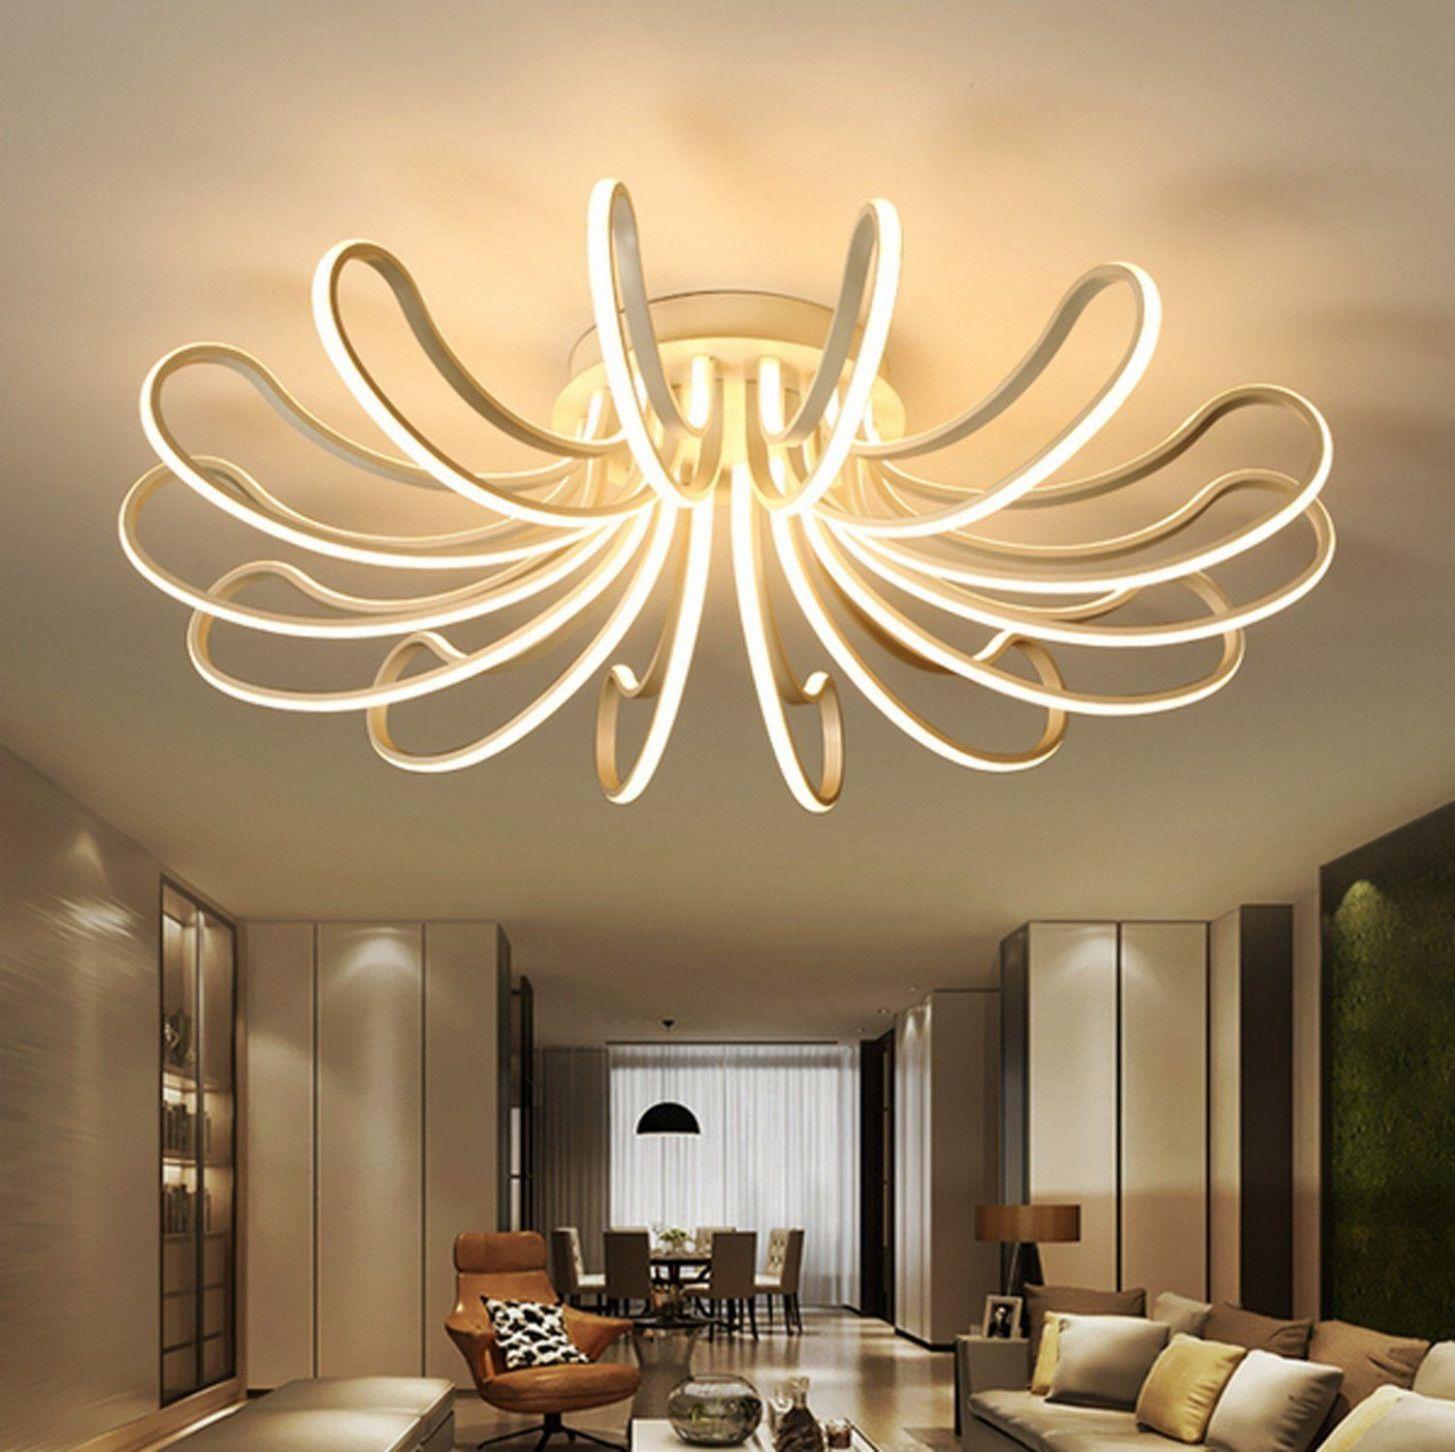 6 Wohnzimmer Lampe Philips in 6  Lampen wohnzimmer